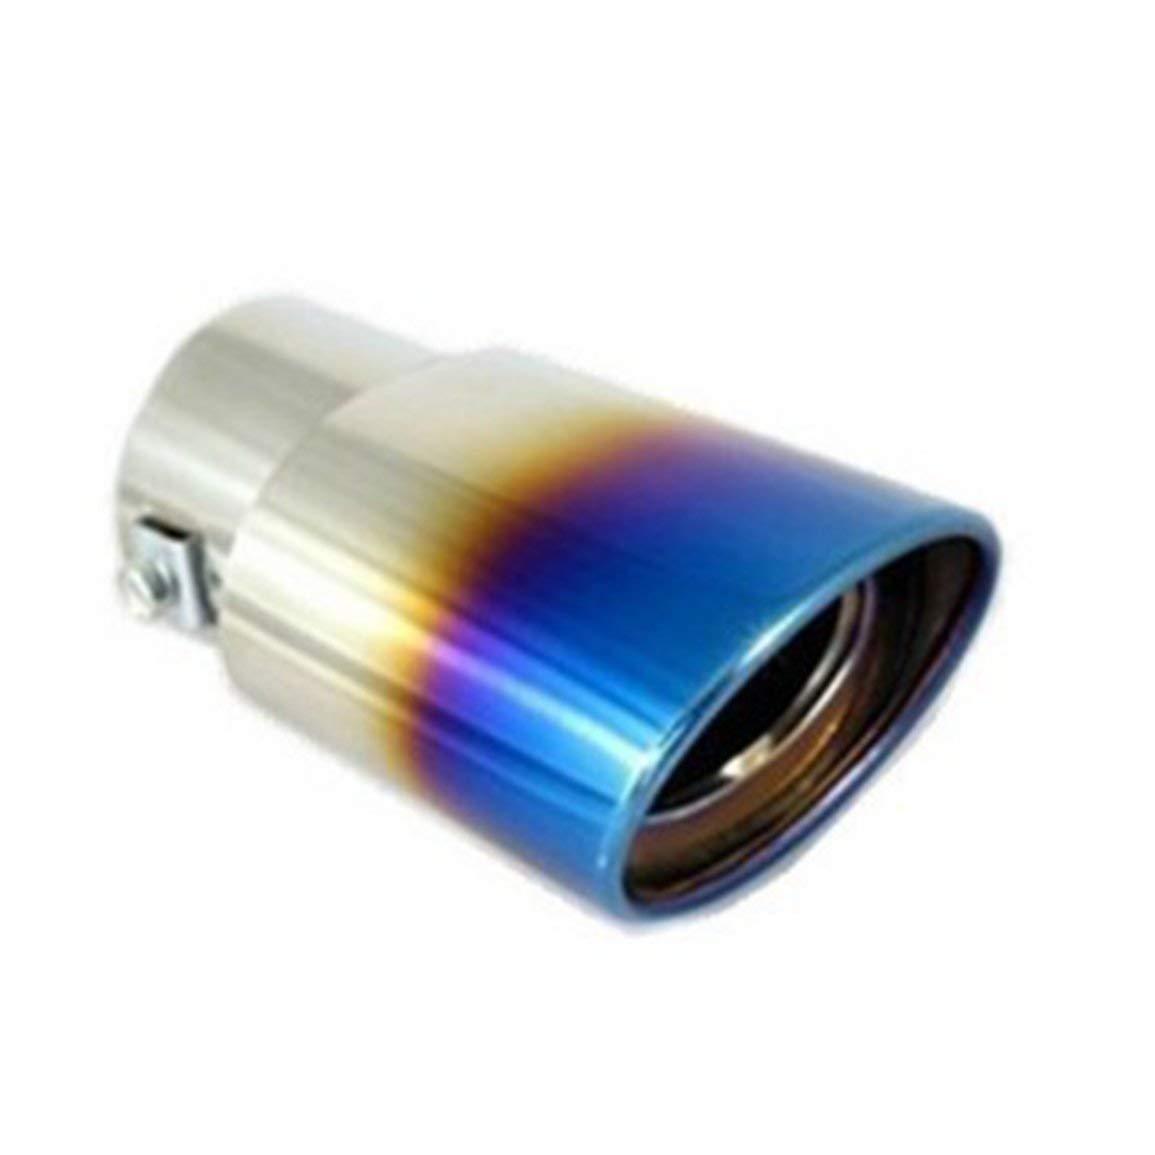 Auto punta del silenziatore in acciaio inox per dare al Chrome Effect Fit 1, 5 a 2 pollici Morsetti tubo di scarico del diametro di installazione incluso Fantasyworld